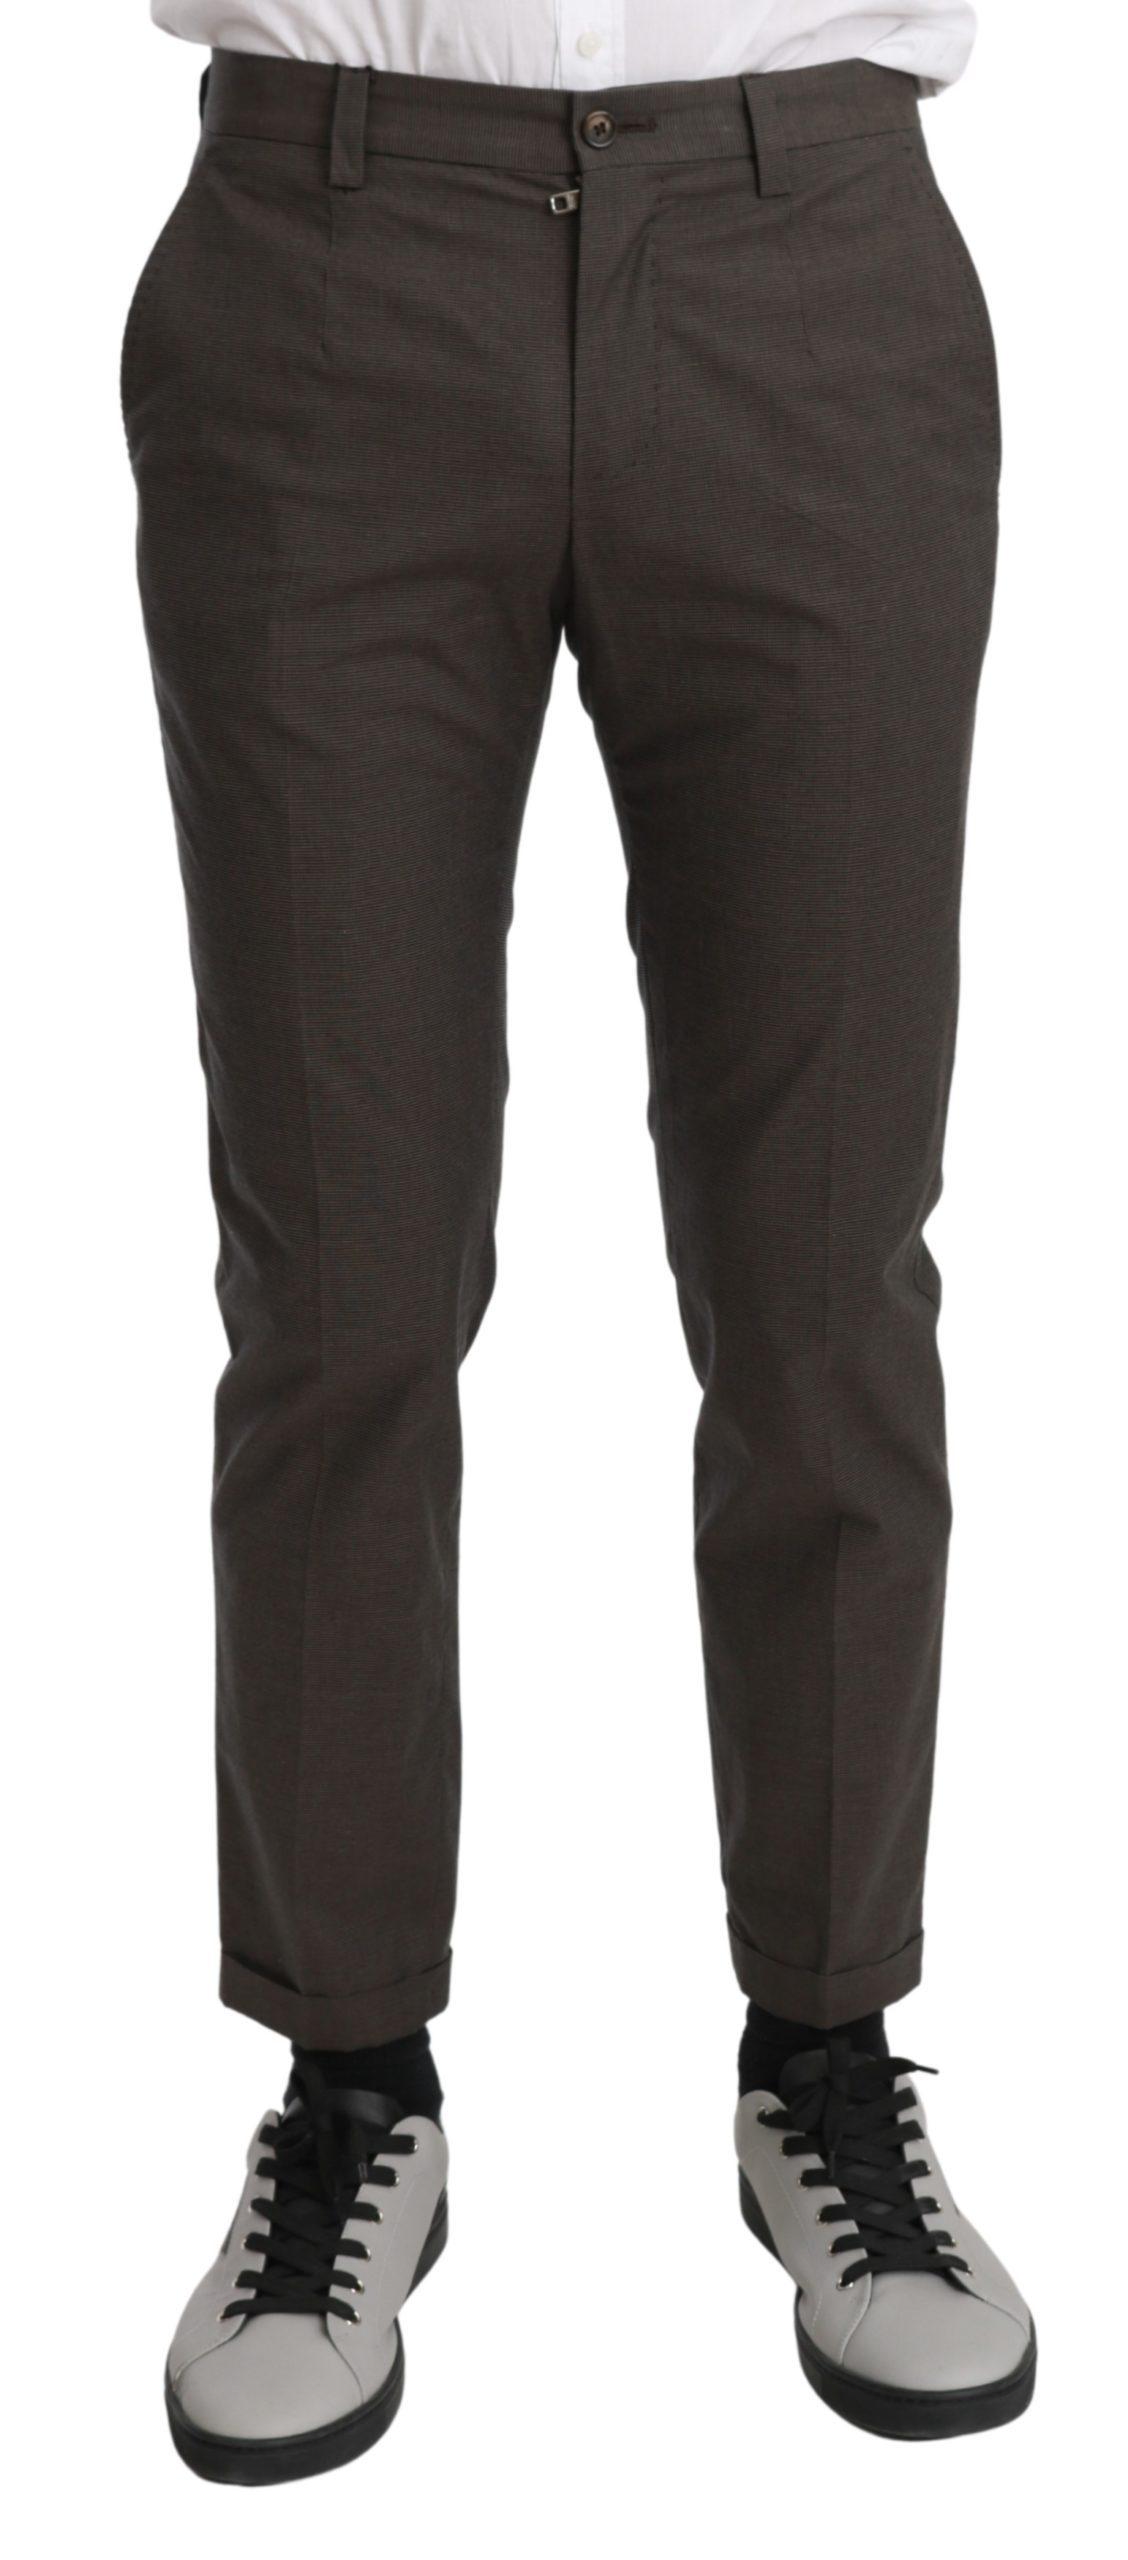 Dolce & Gabbana Men's Casual Cotton Trouser Brown PAN70965 - IT44   XS